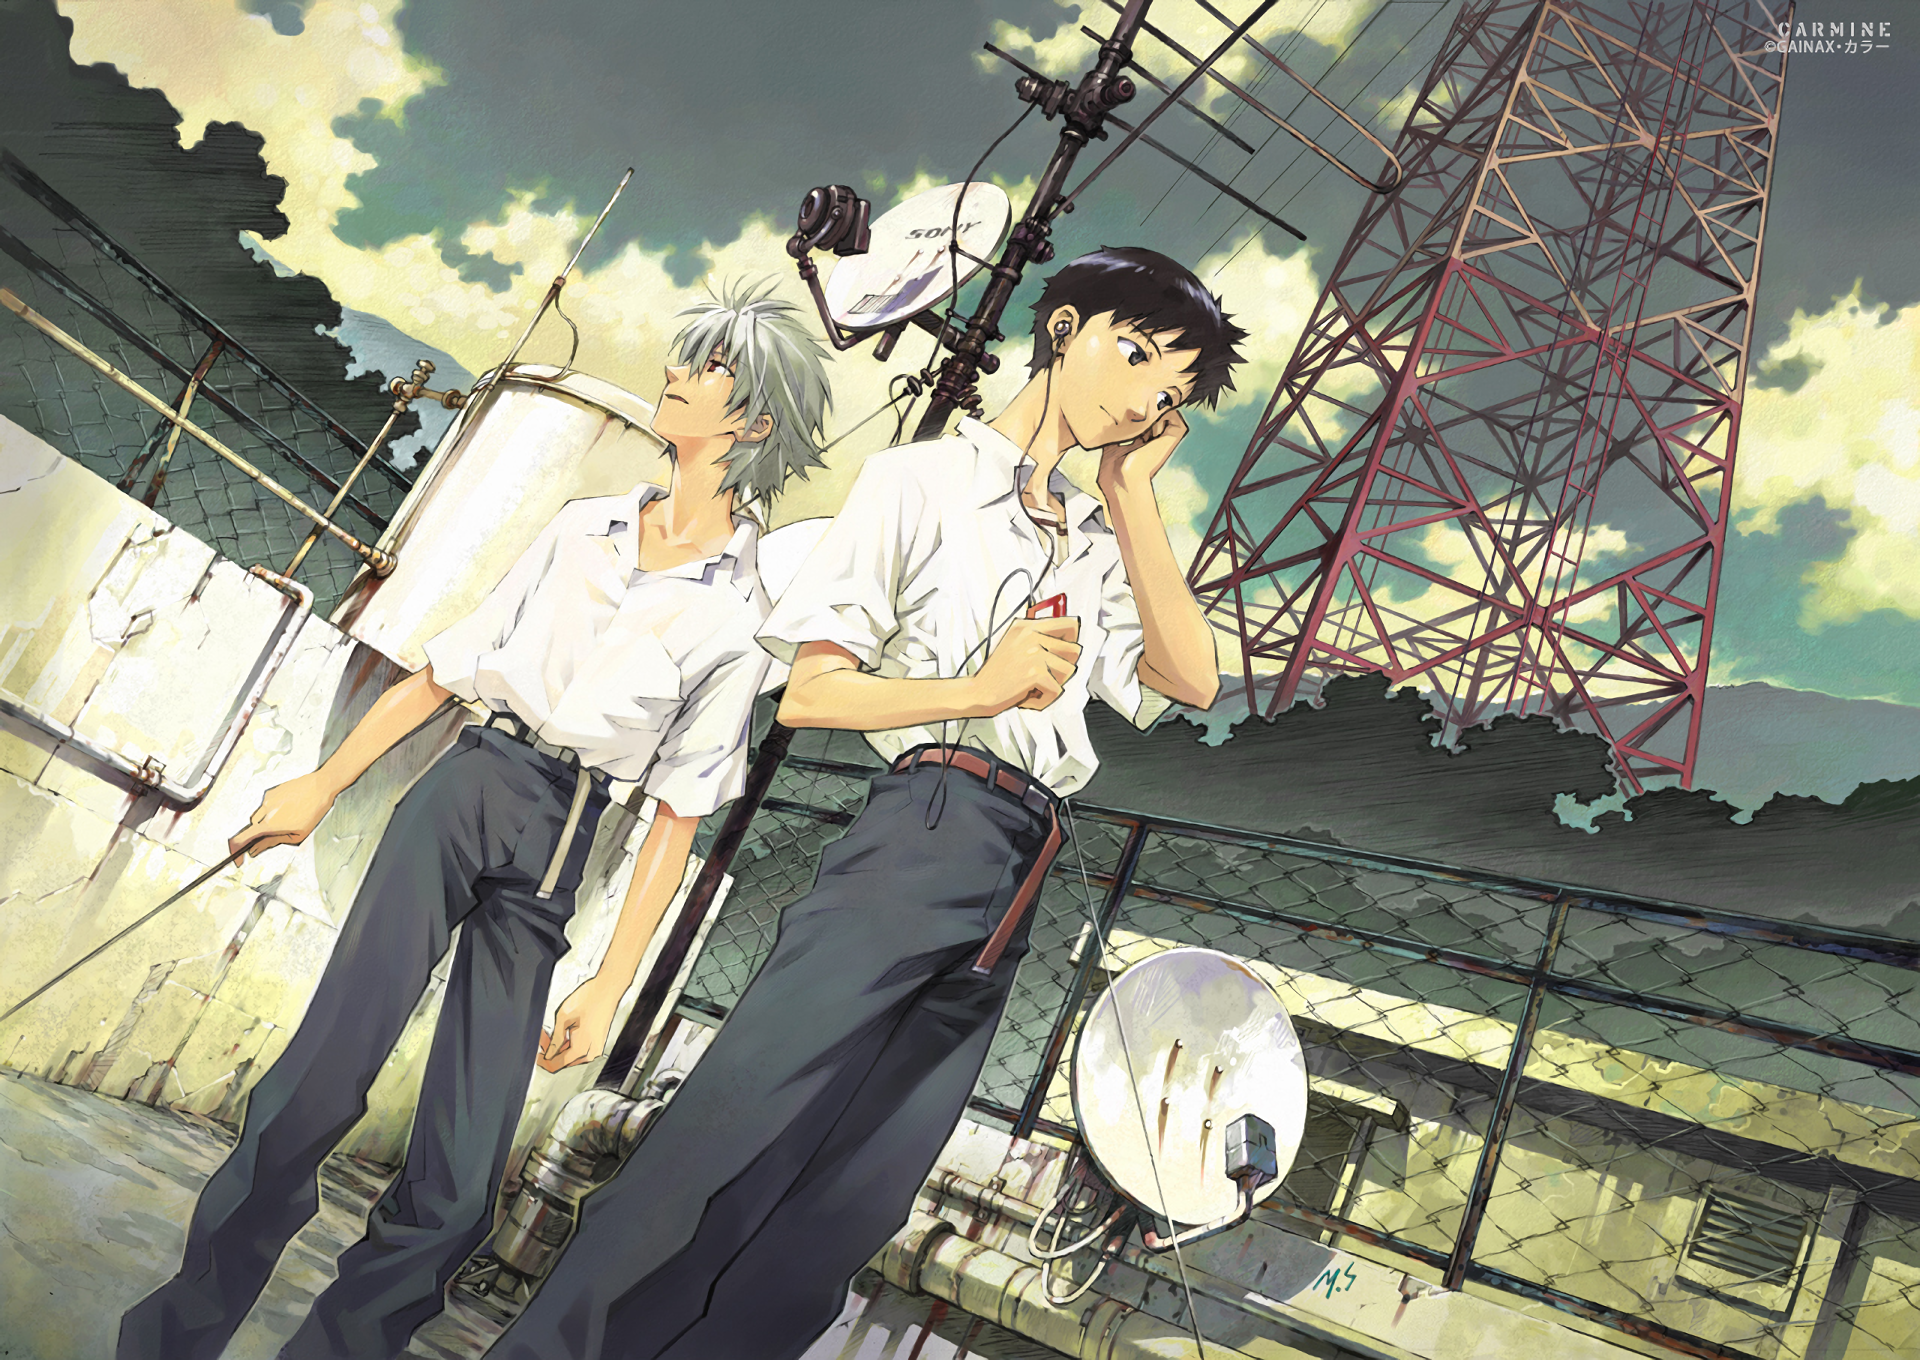 Anime - Neon Genesis Evangelion  Kaworu Nagisa Shinji Ikari Wallpaper